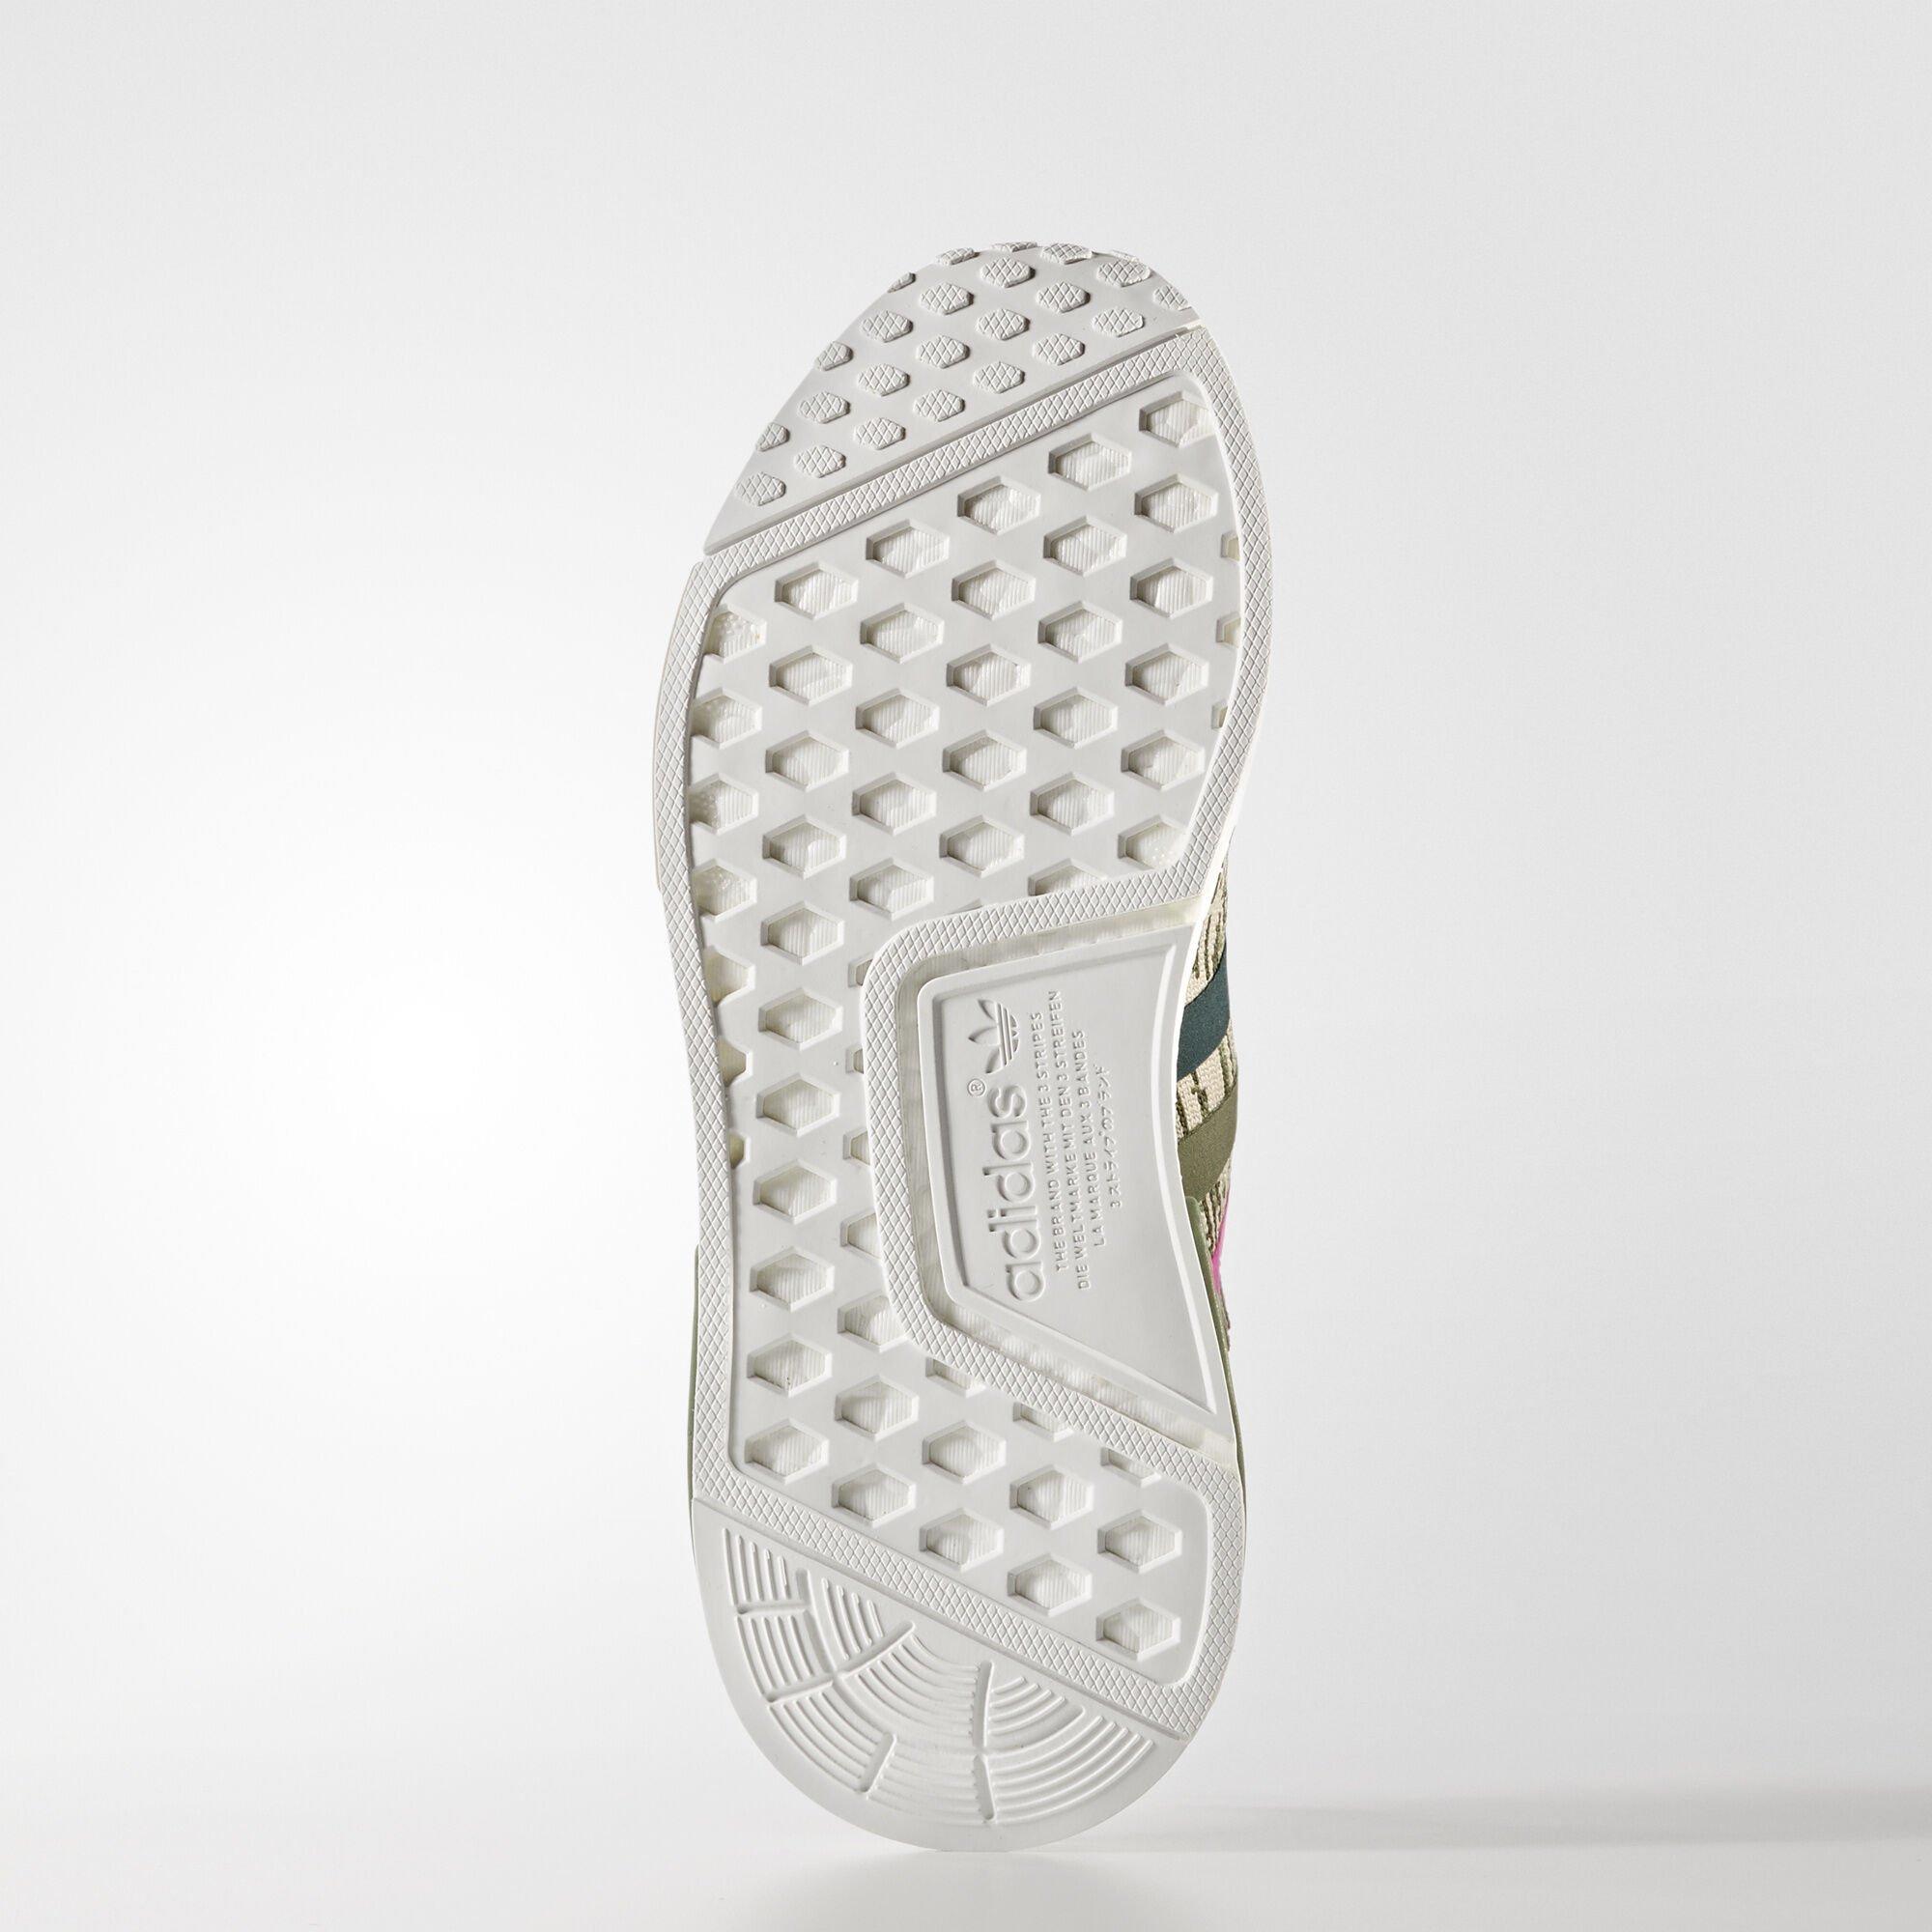 adidas NMD R1 Glitch Camo St Major (W) (BY9864)